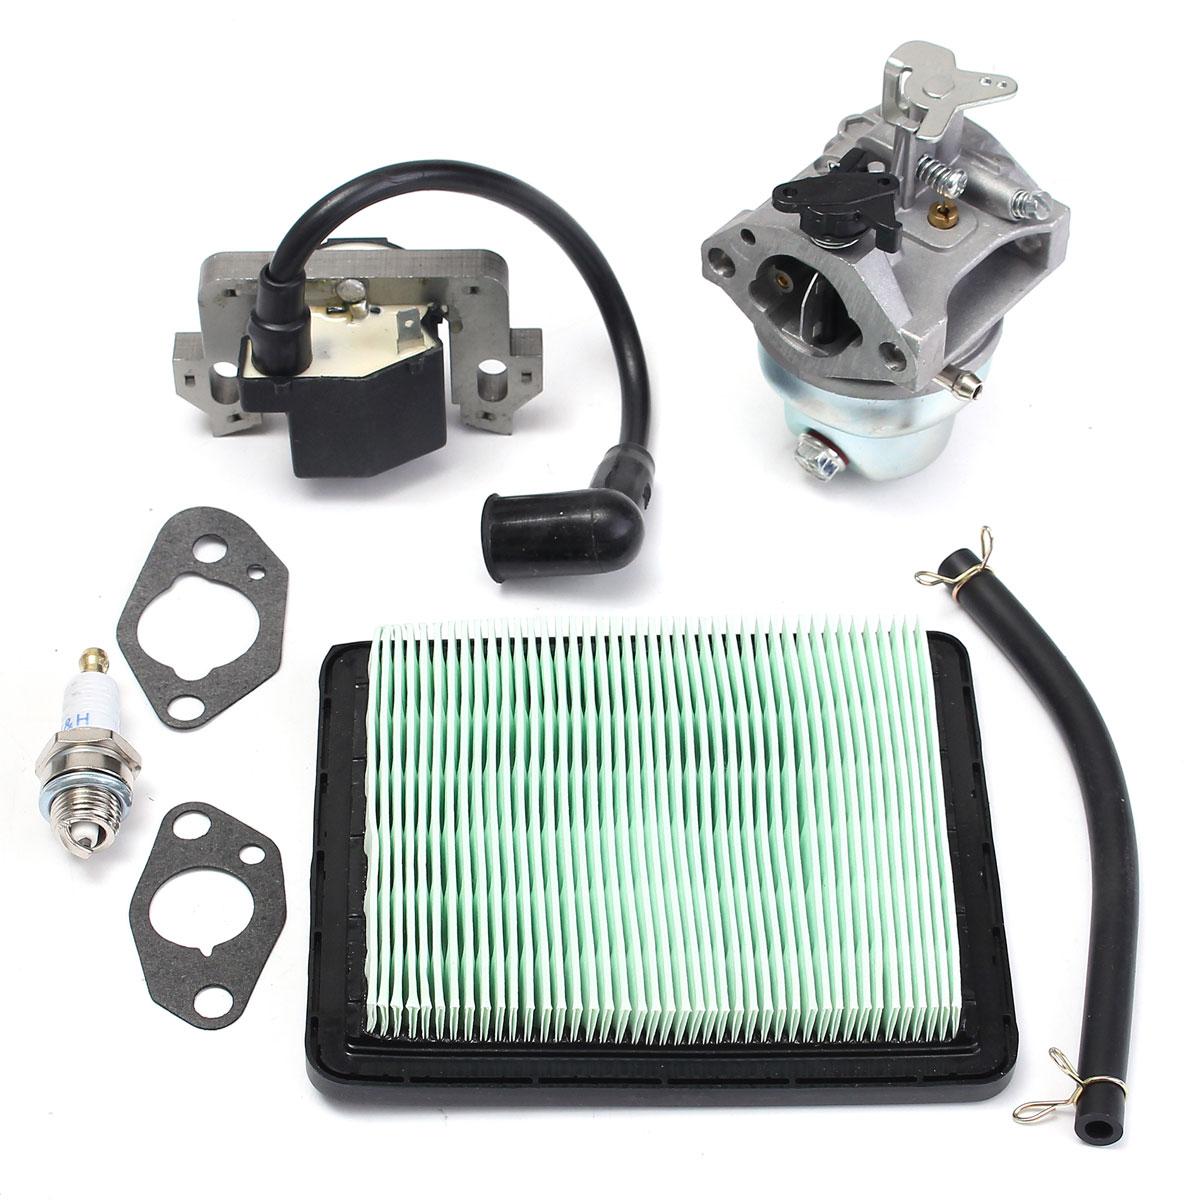 Motorcycle Carburetor Ignition Coil Spark Plug Filter Set for Honda GCV160 HRB216 HRS216 HRR216 Air filter Oil Carburetor Kit